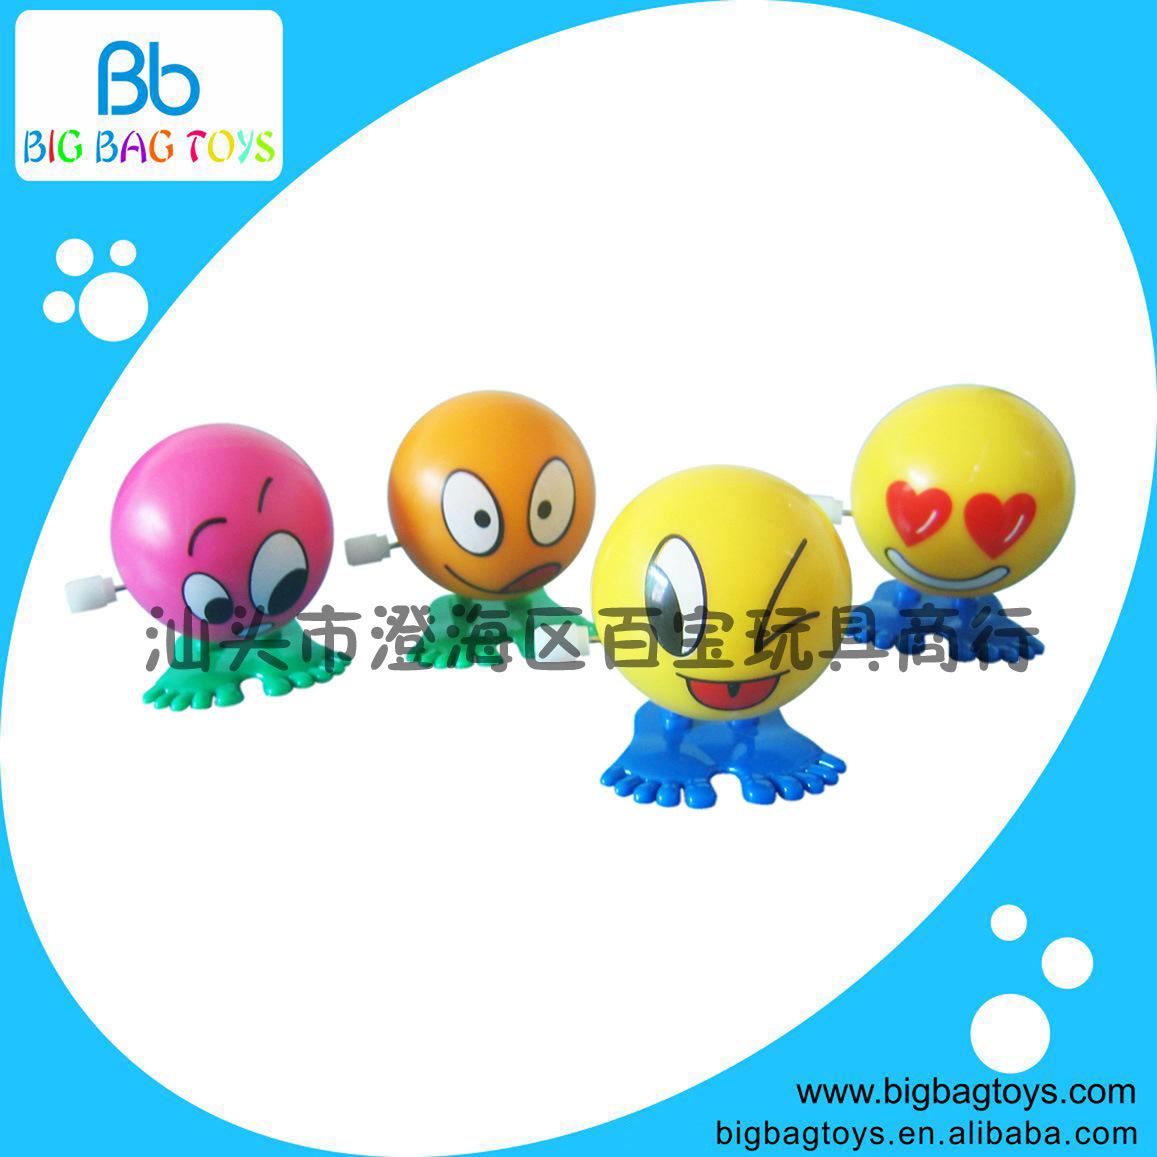 愚人节万圣节整蛊恶搞小玩具 印眼上链跳跳牙齿(2色混装)BB103552